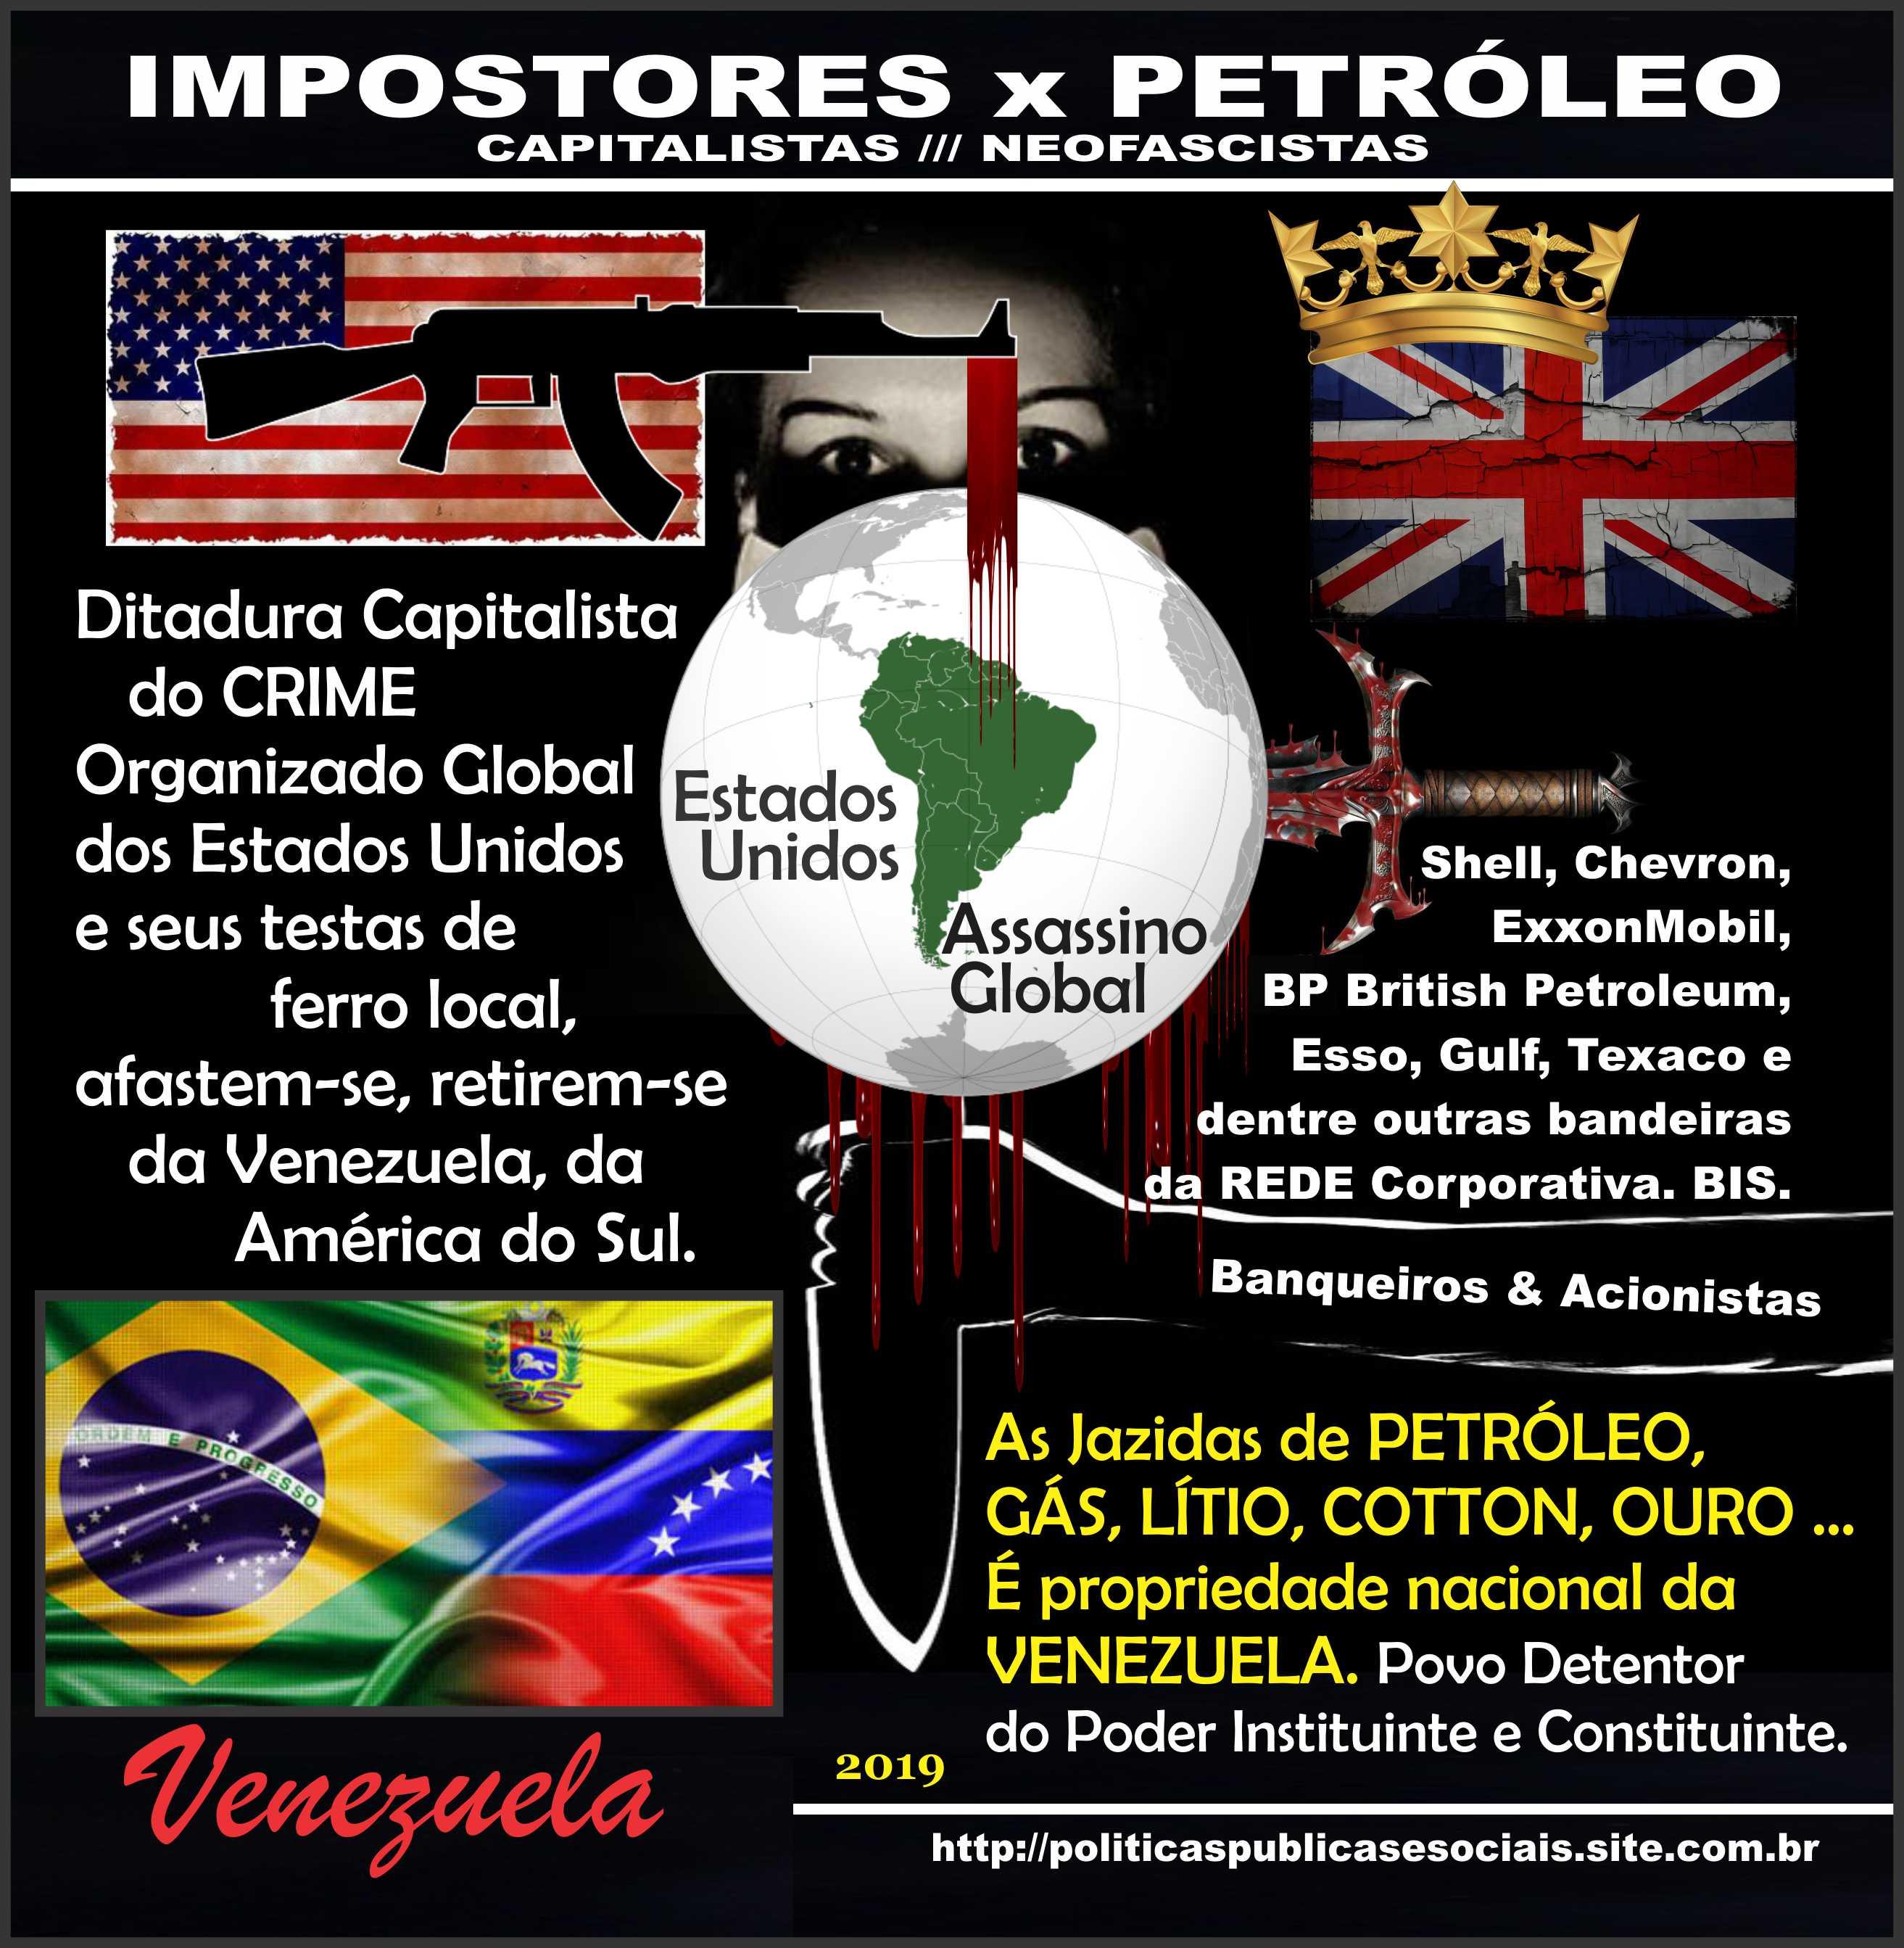 Venezuela América do Sul SAGRADA